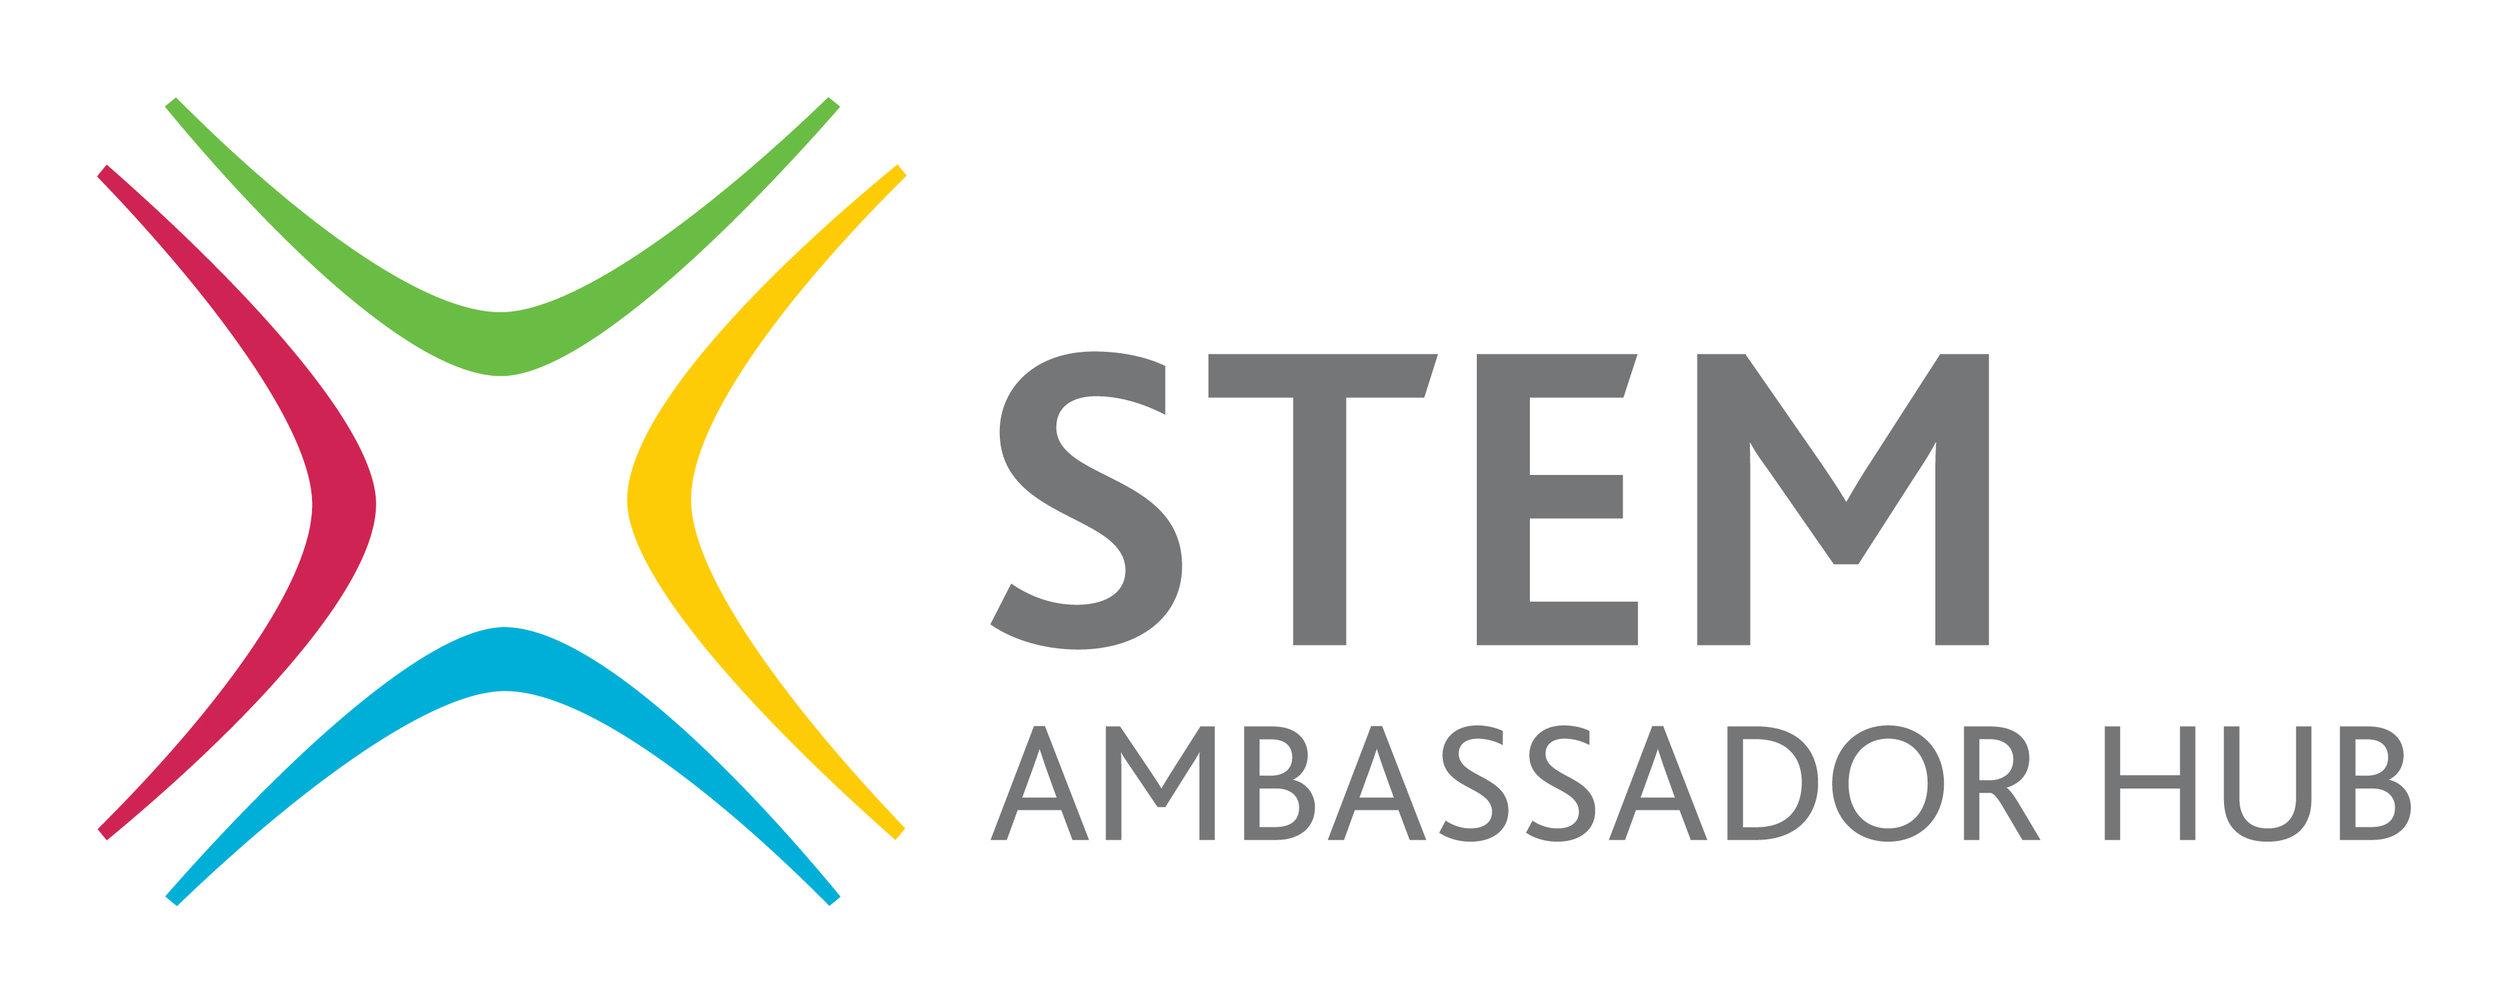 STEM_Ambassador_Hub_RGB_hi-res.jpg